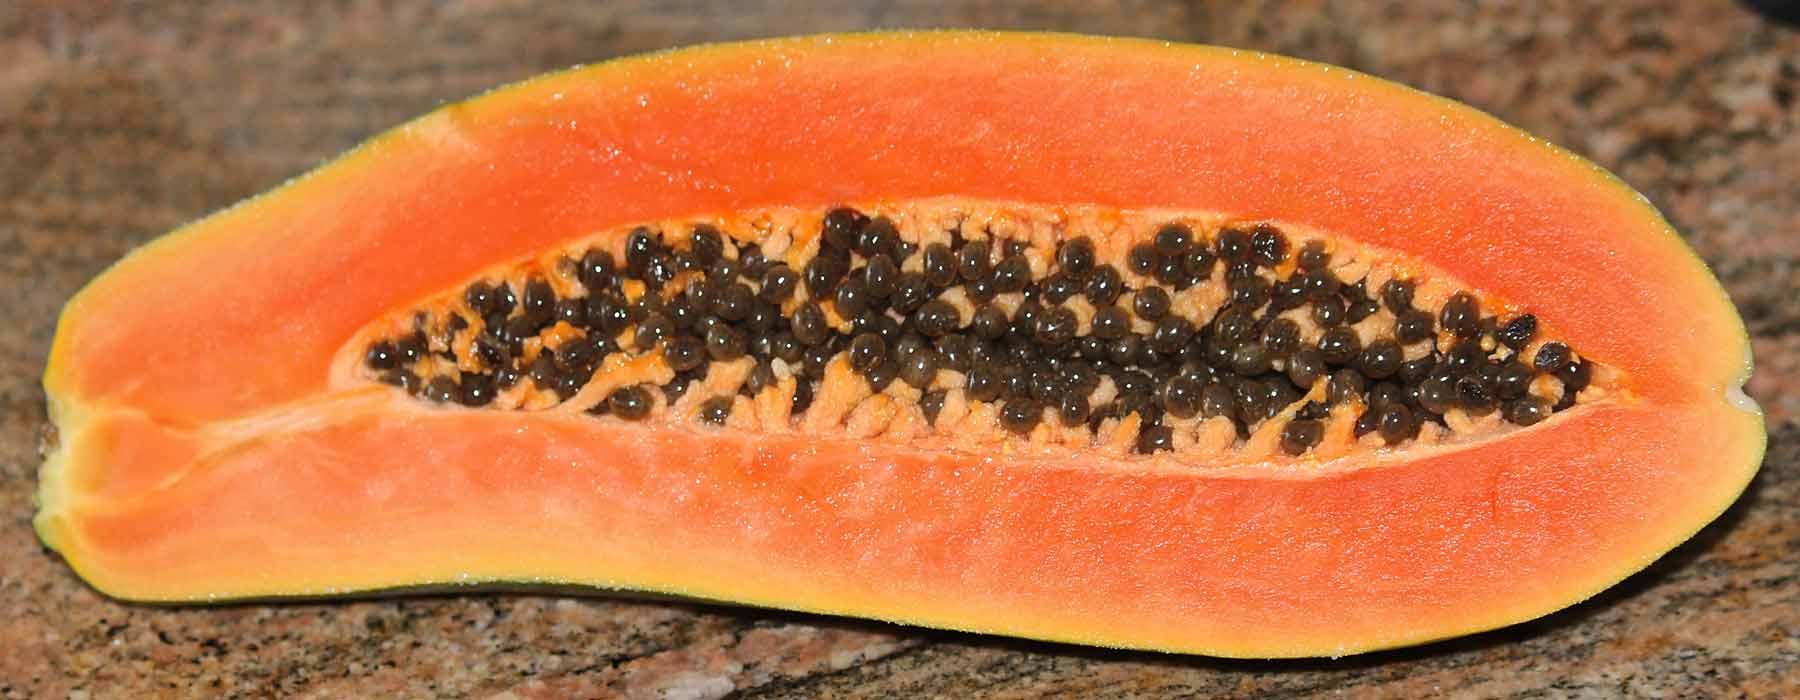 papaya, also known as pawpaw